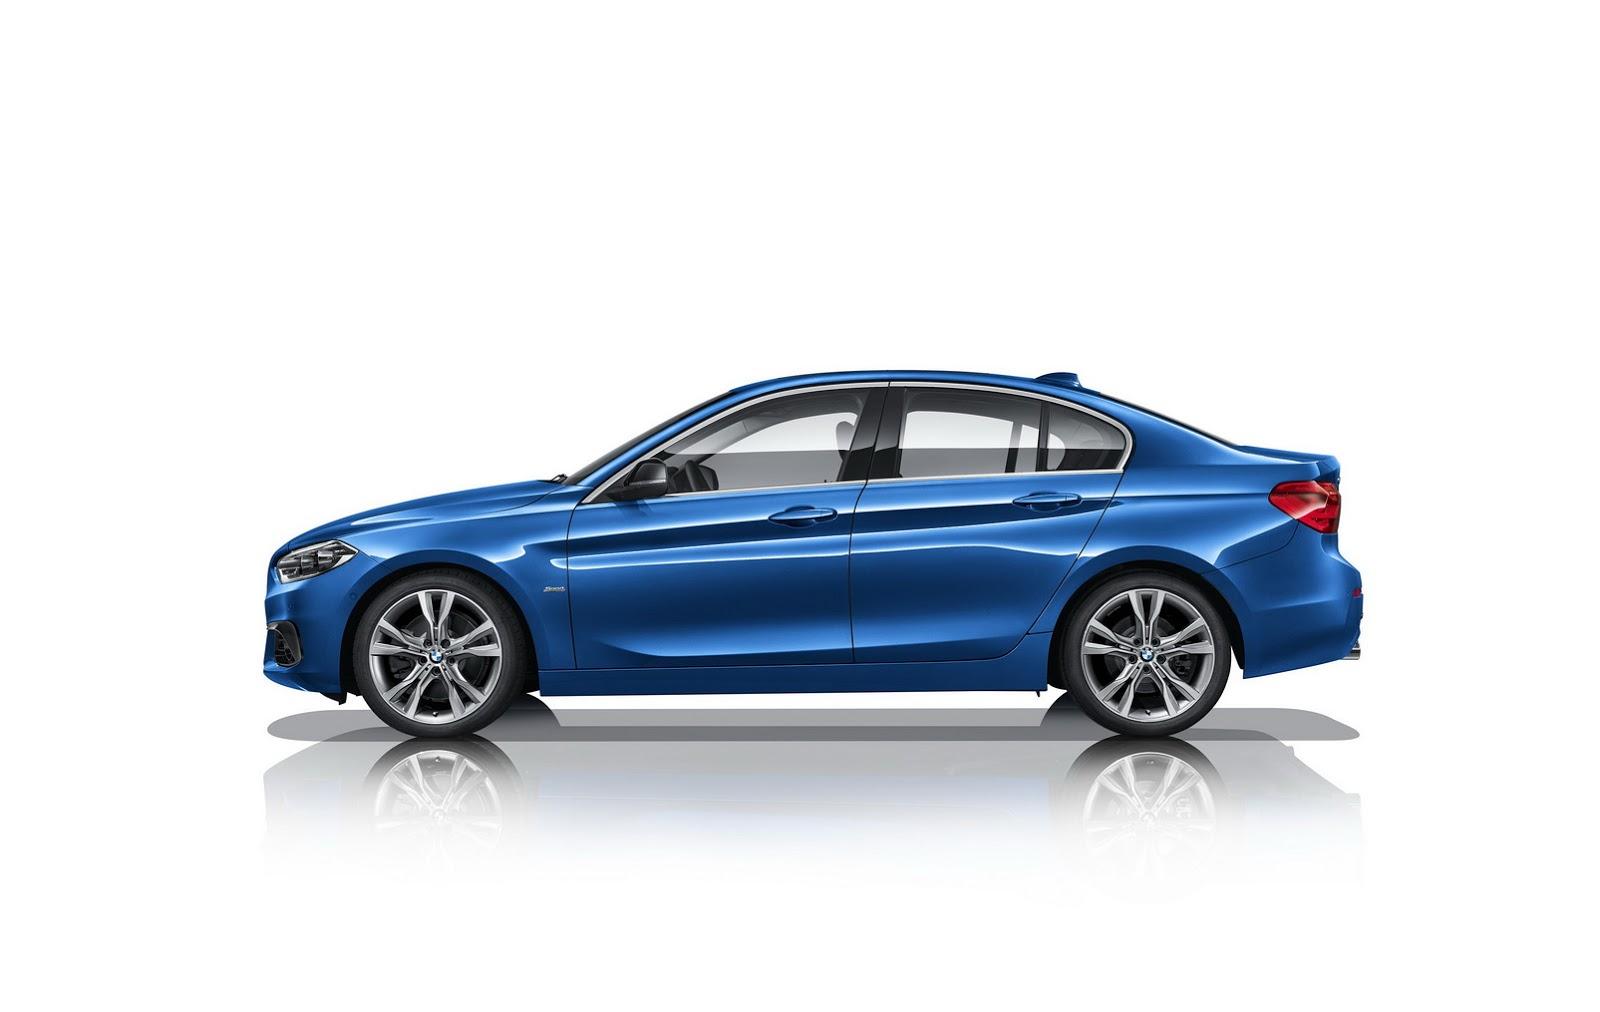 bmw-1series-sedan-detailed-4.jpg